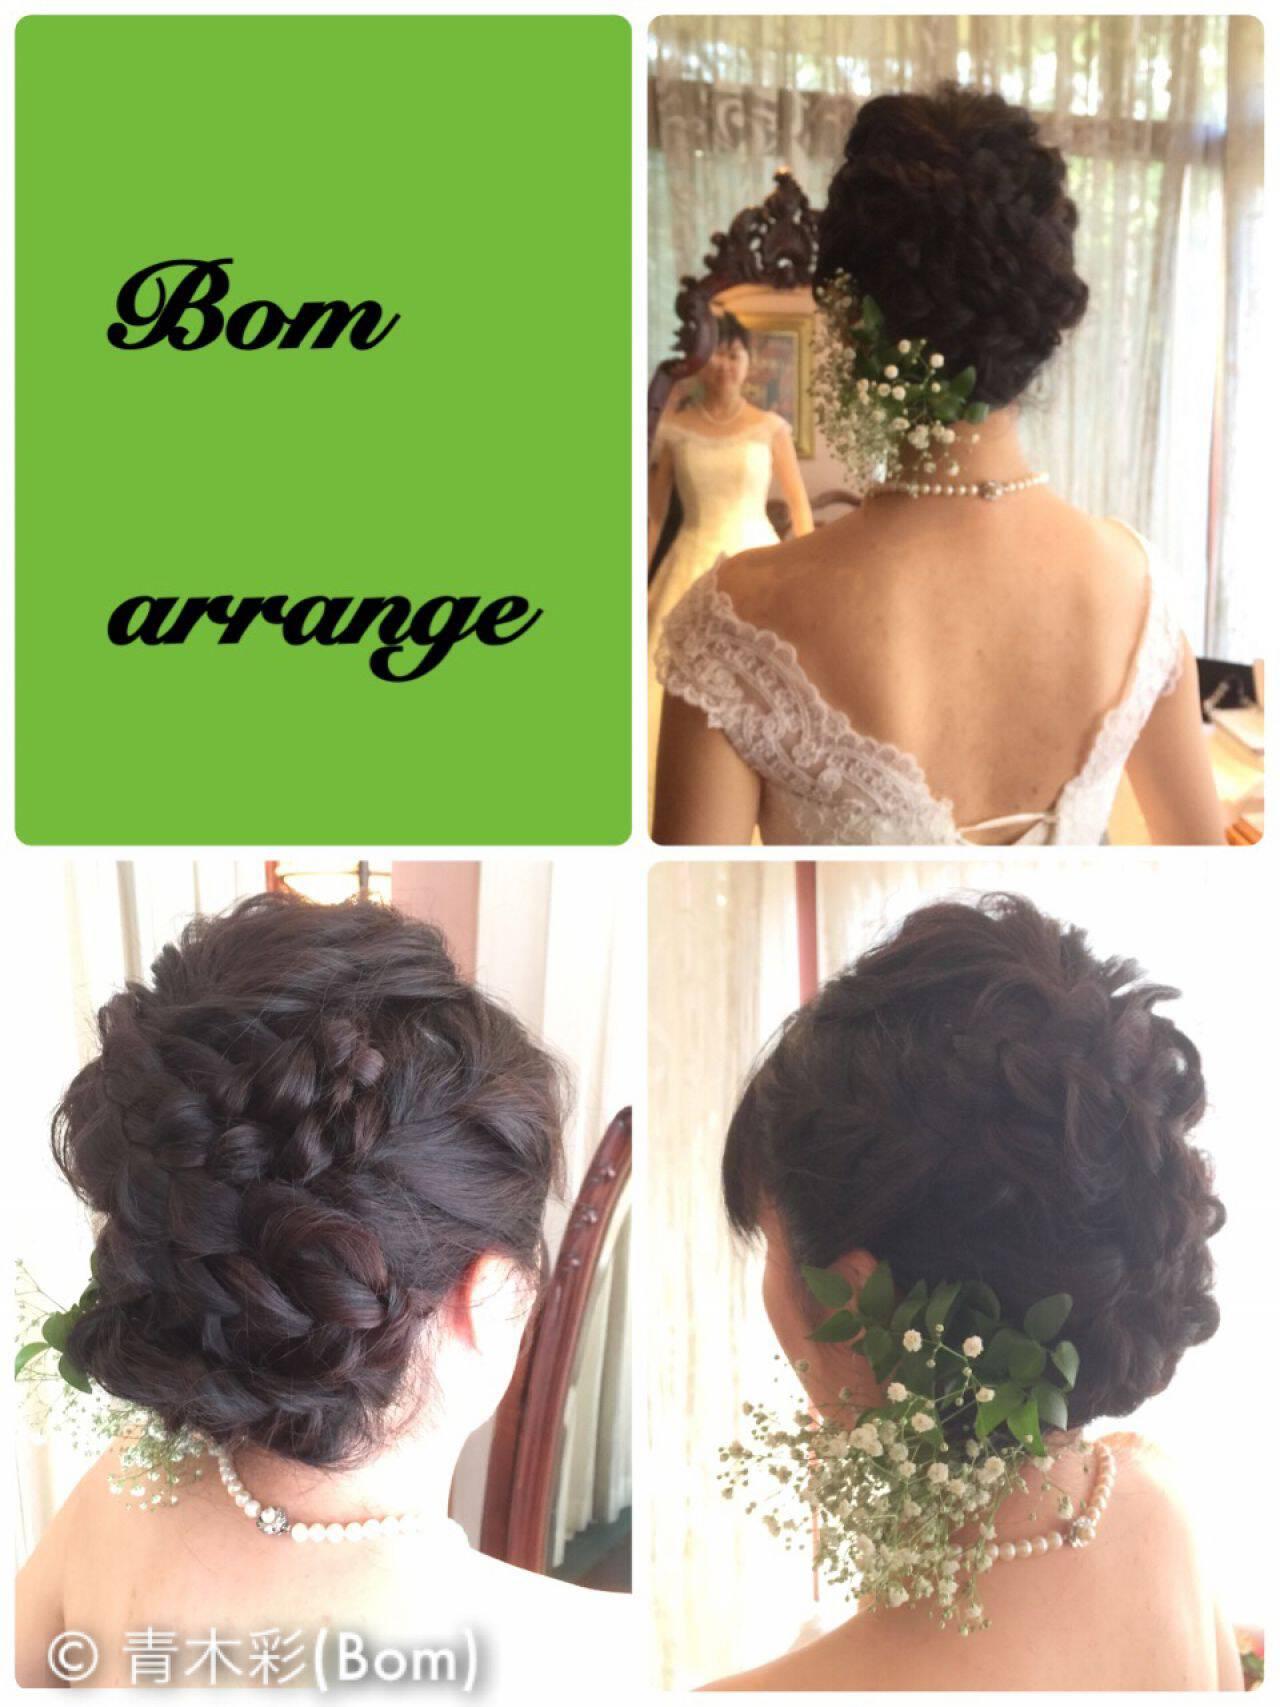 コンサバ 編み込み ヘアアレンジ セミロングヘアスタイルや髪型の写真・画像